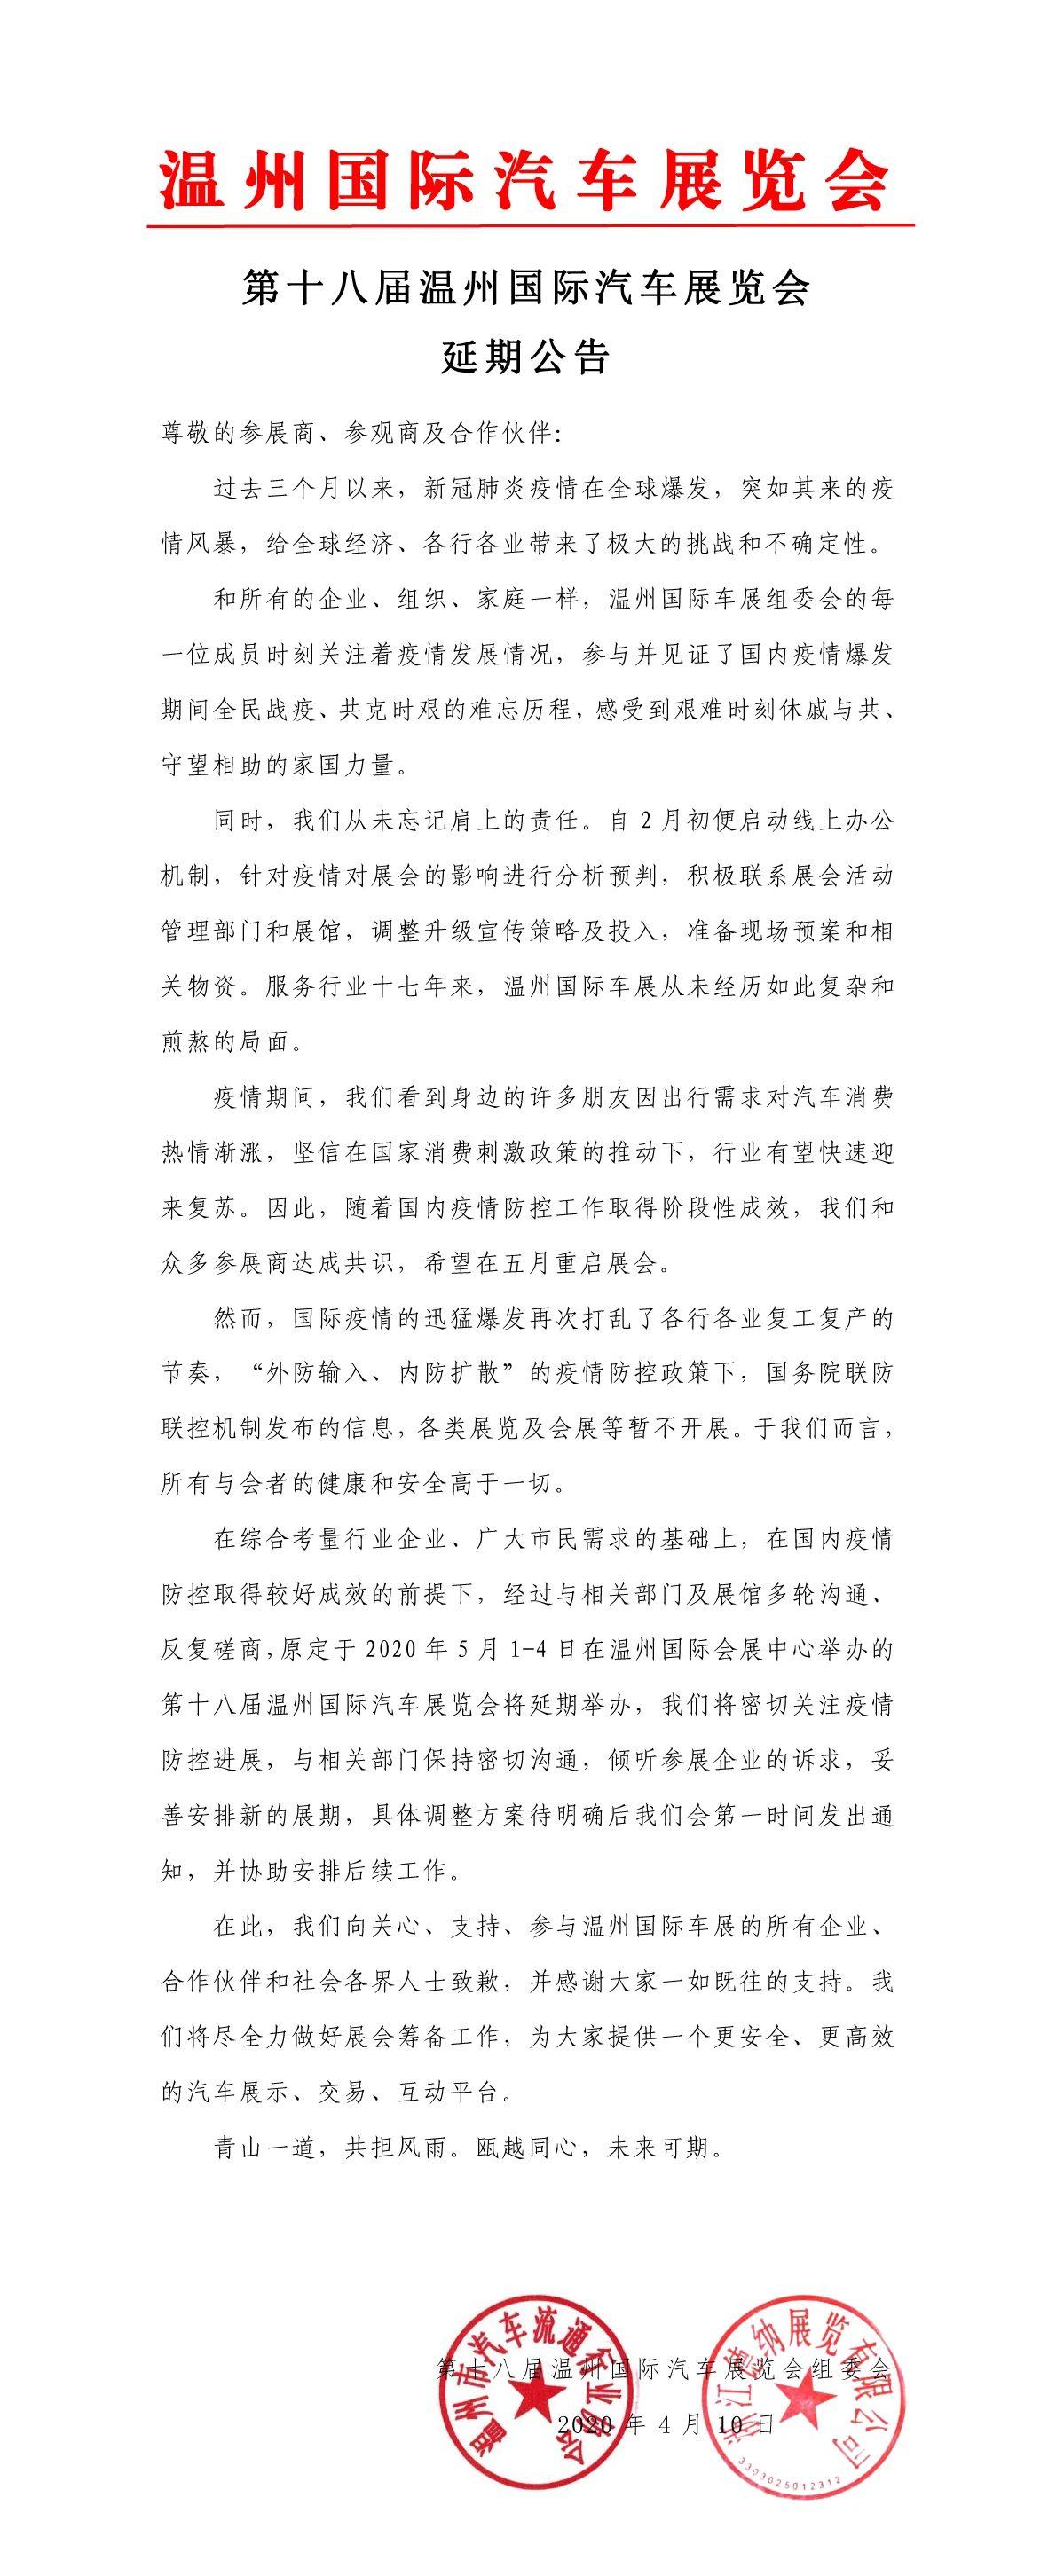 温州国际汽车展览会延期